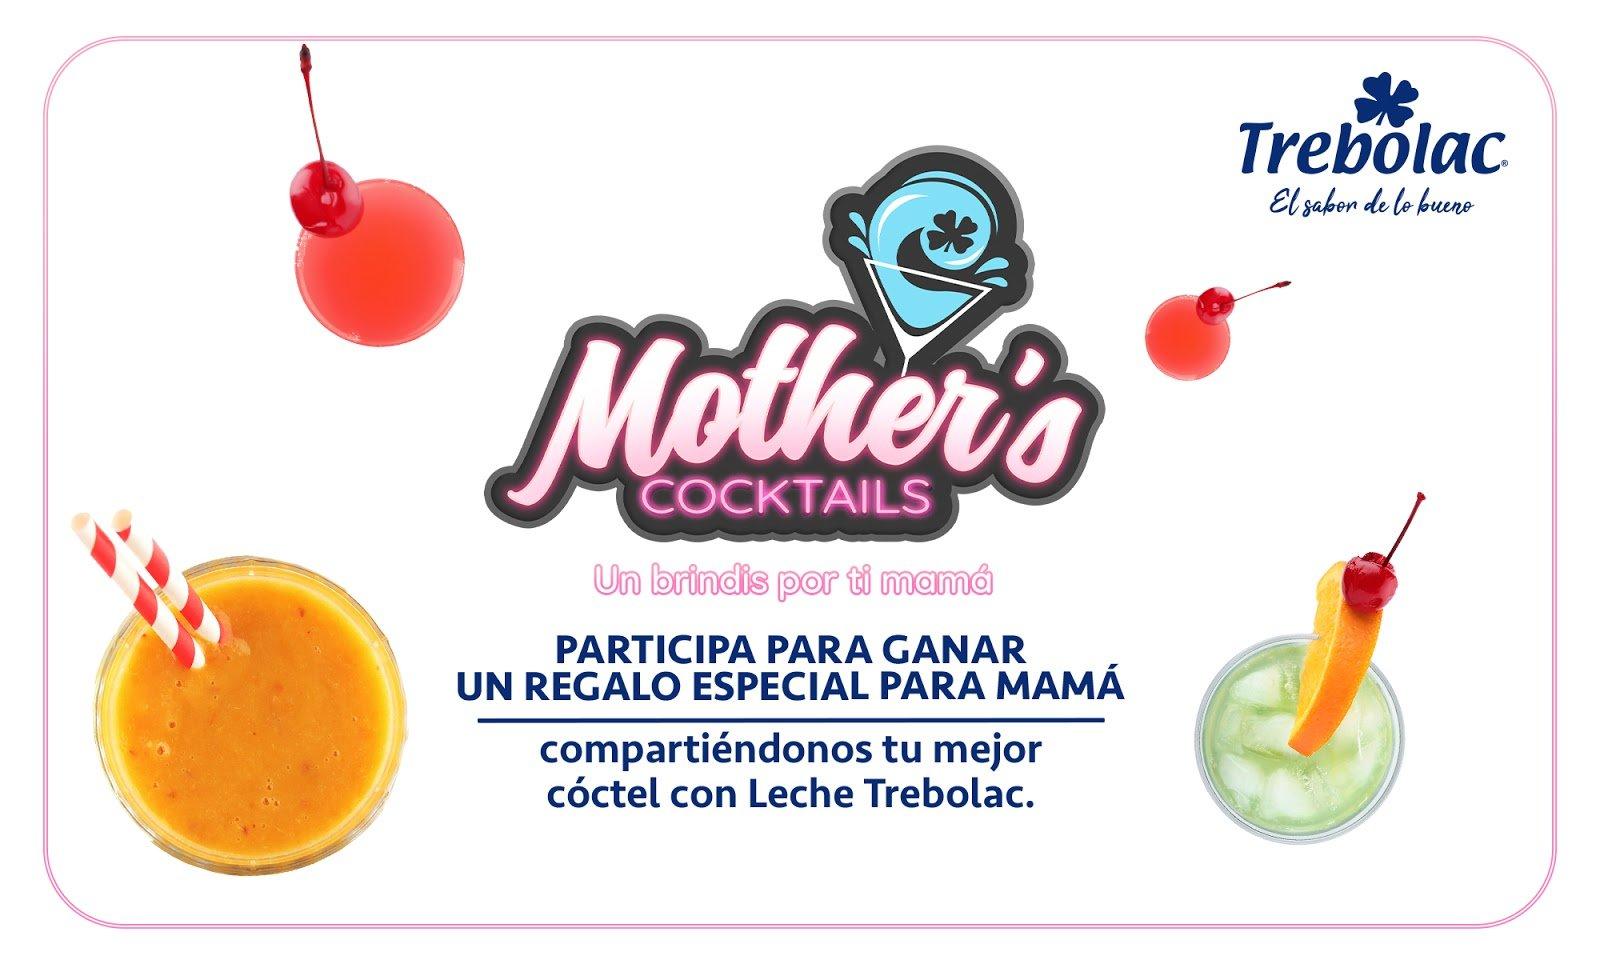 Términos y Condiciones: Dinámica Mother's Cocktails